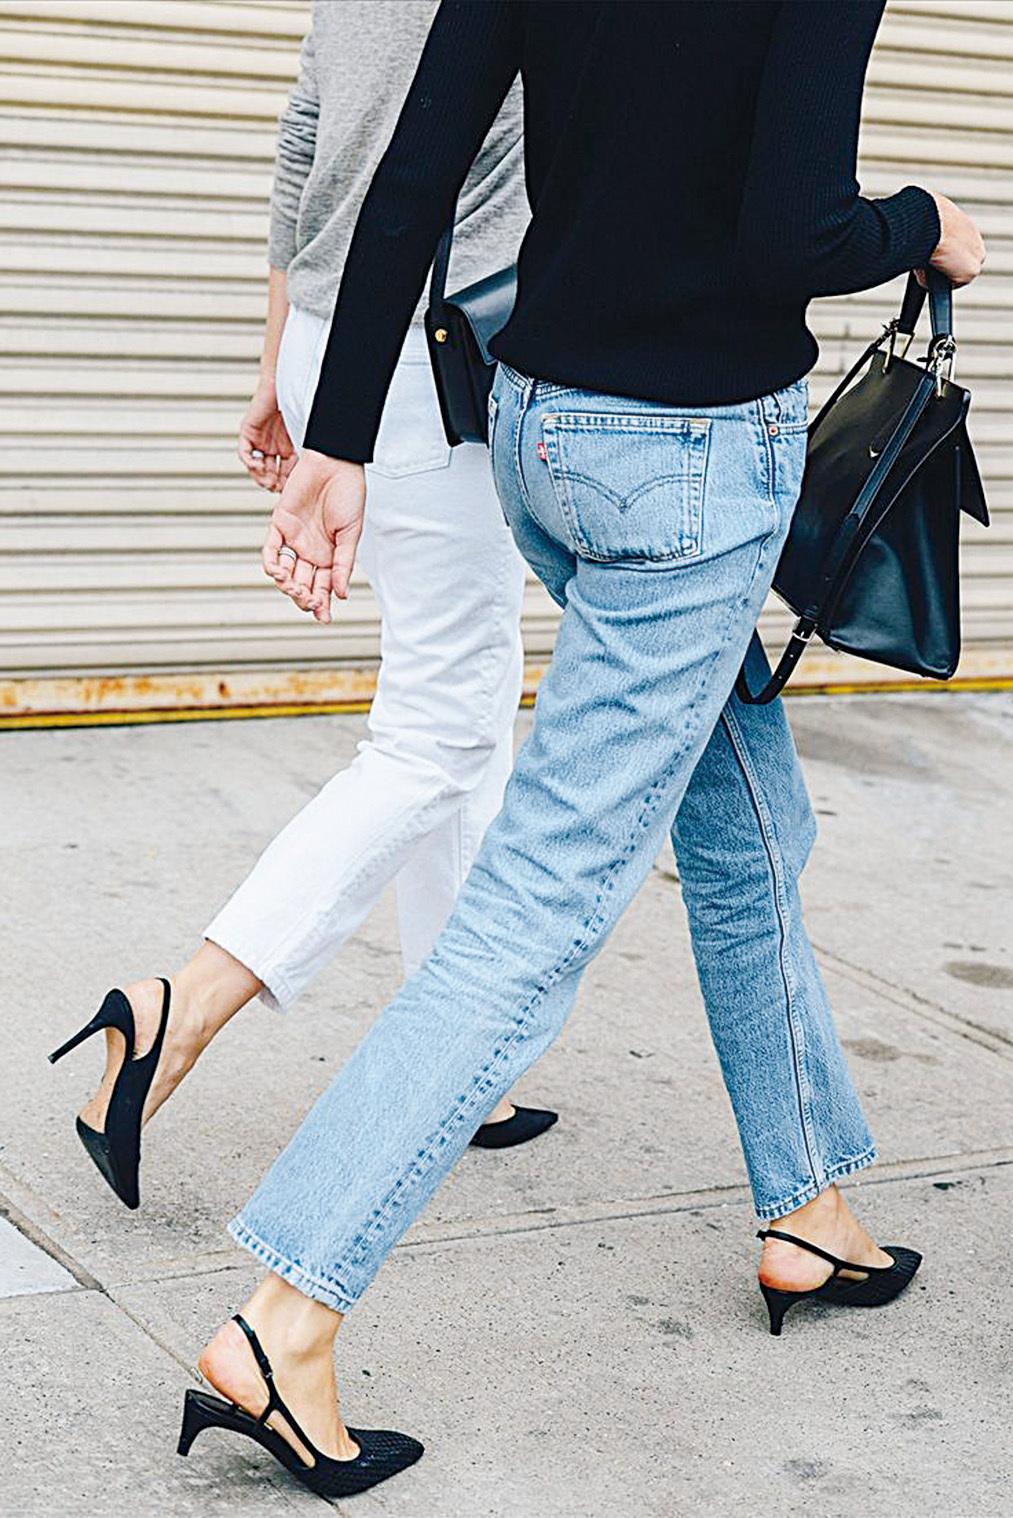 復古又時尚的Kitten Heels